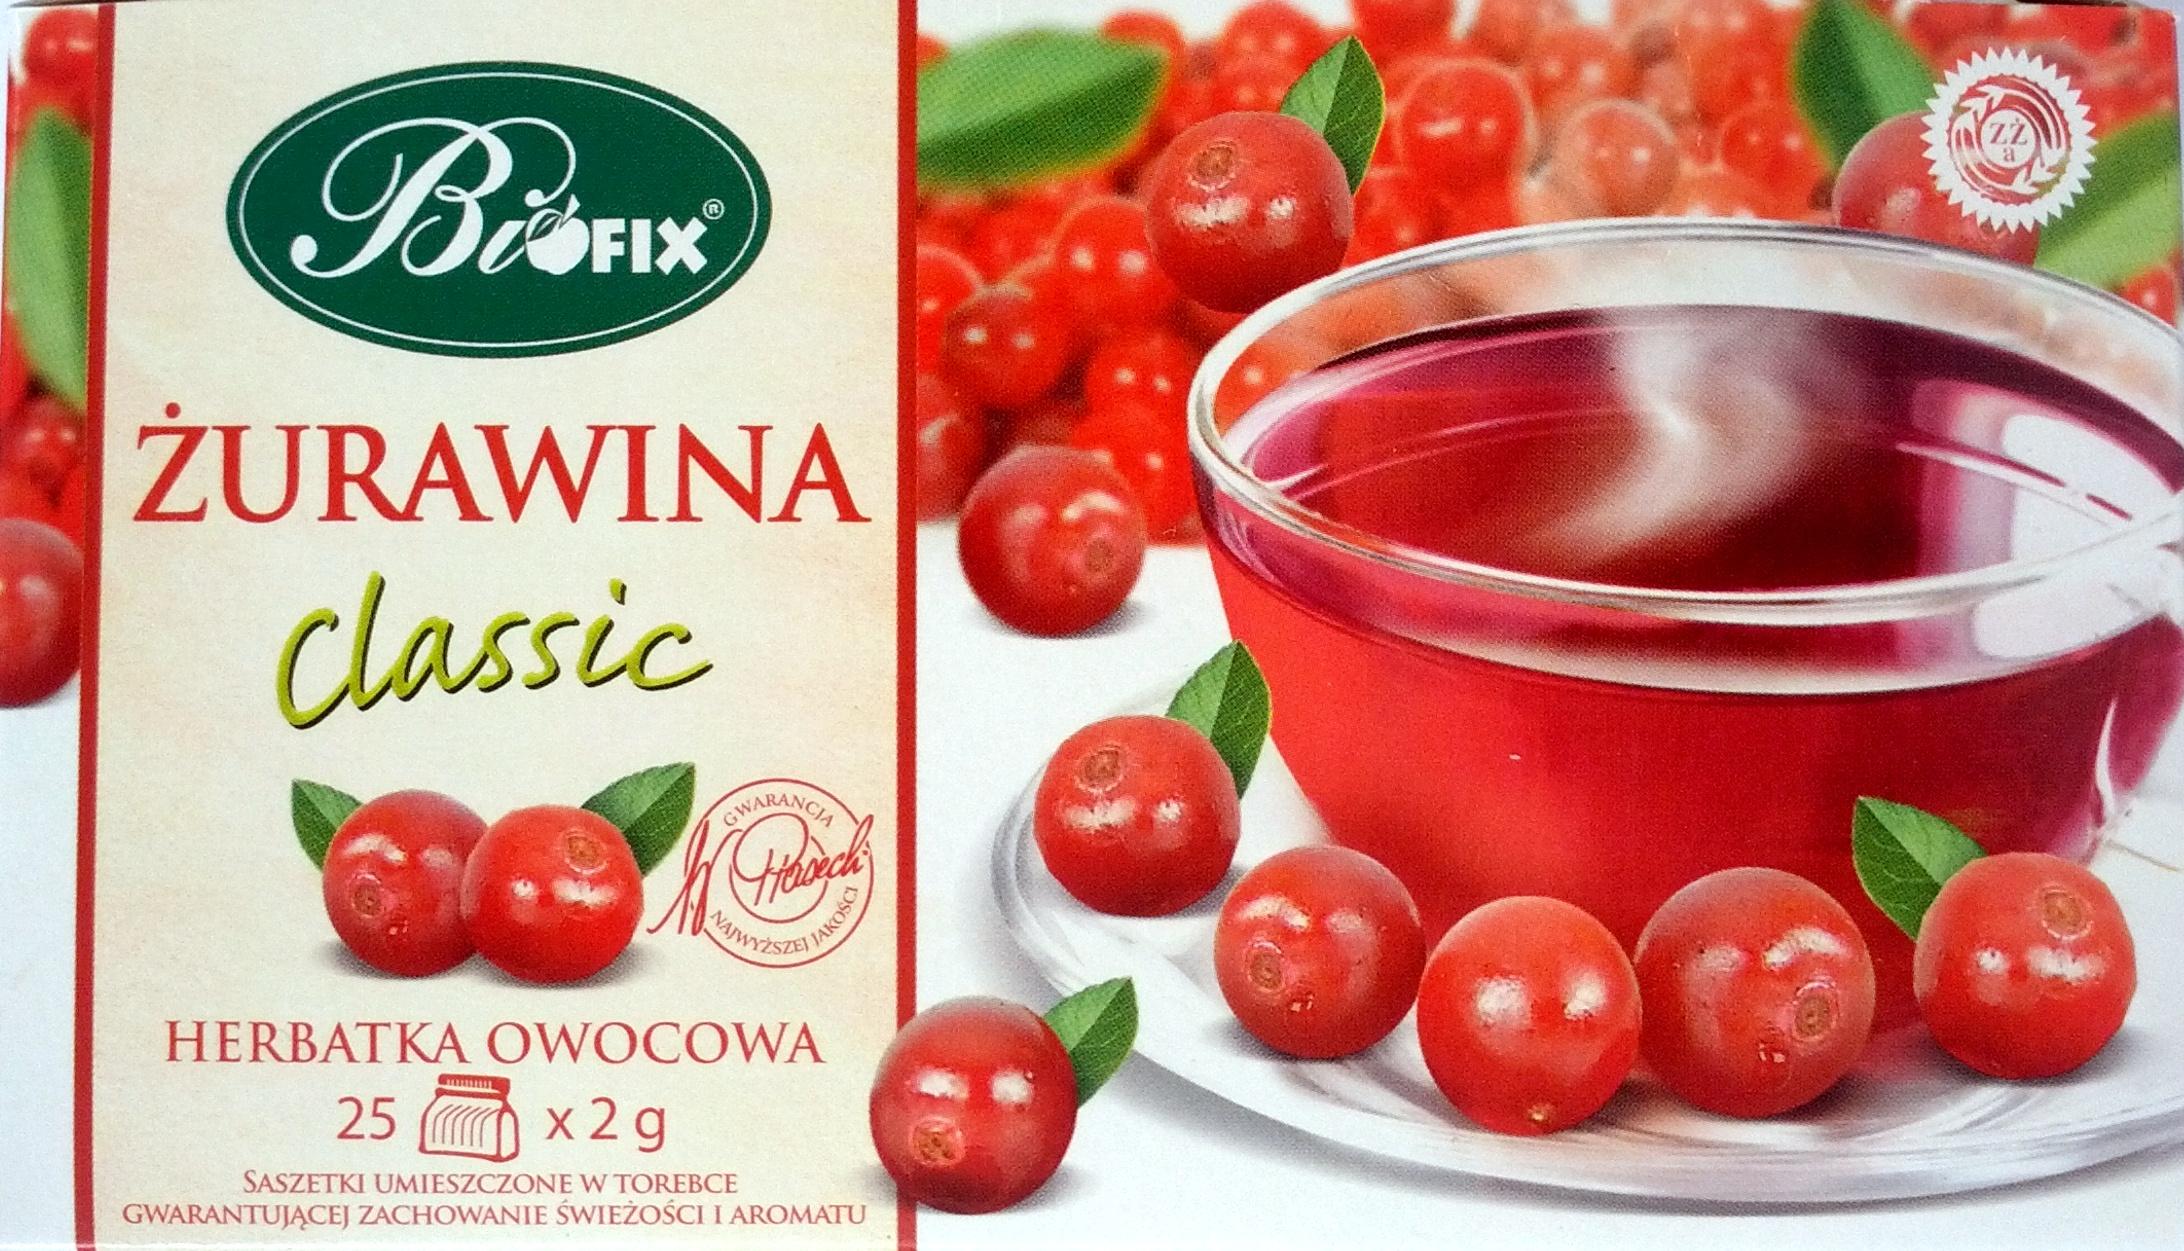 Biofix Herbata Żurawina - Product - pl